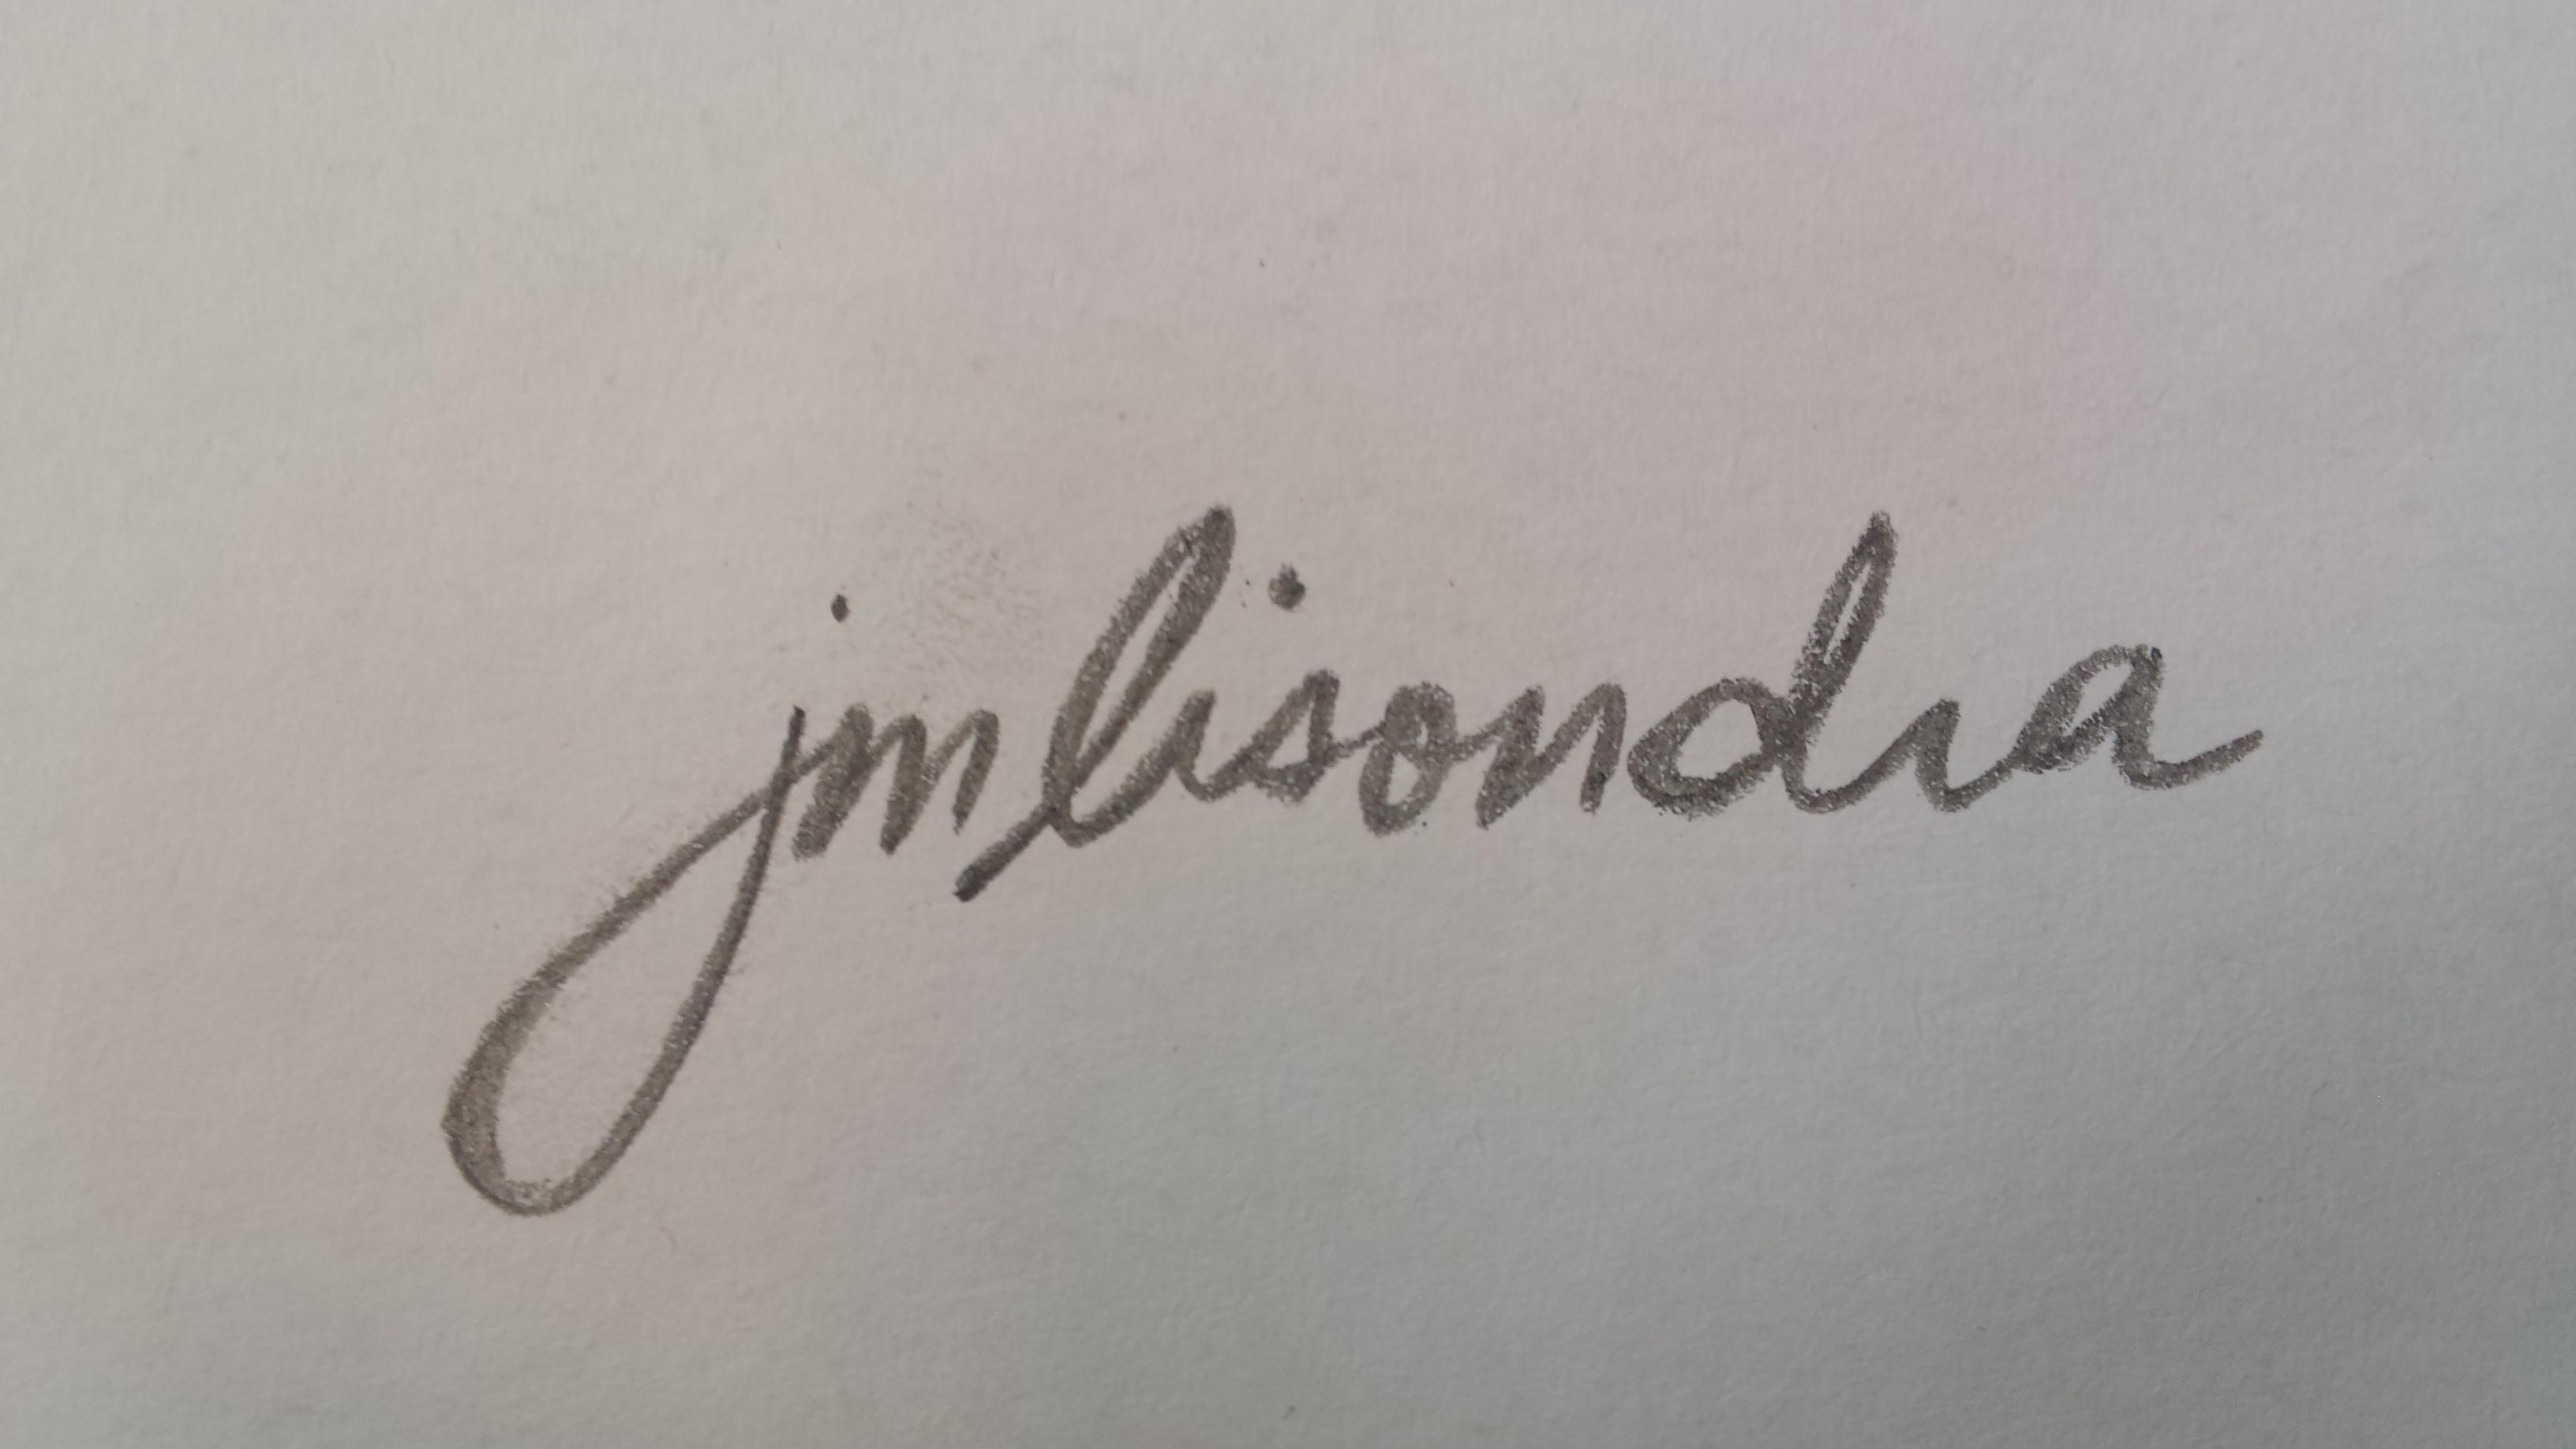 John Magne Lisondra's Signature